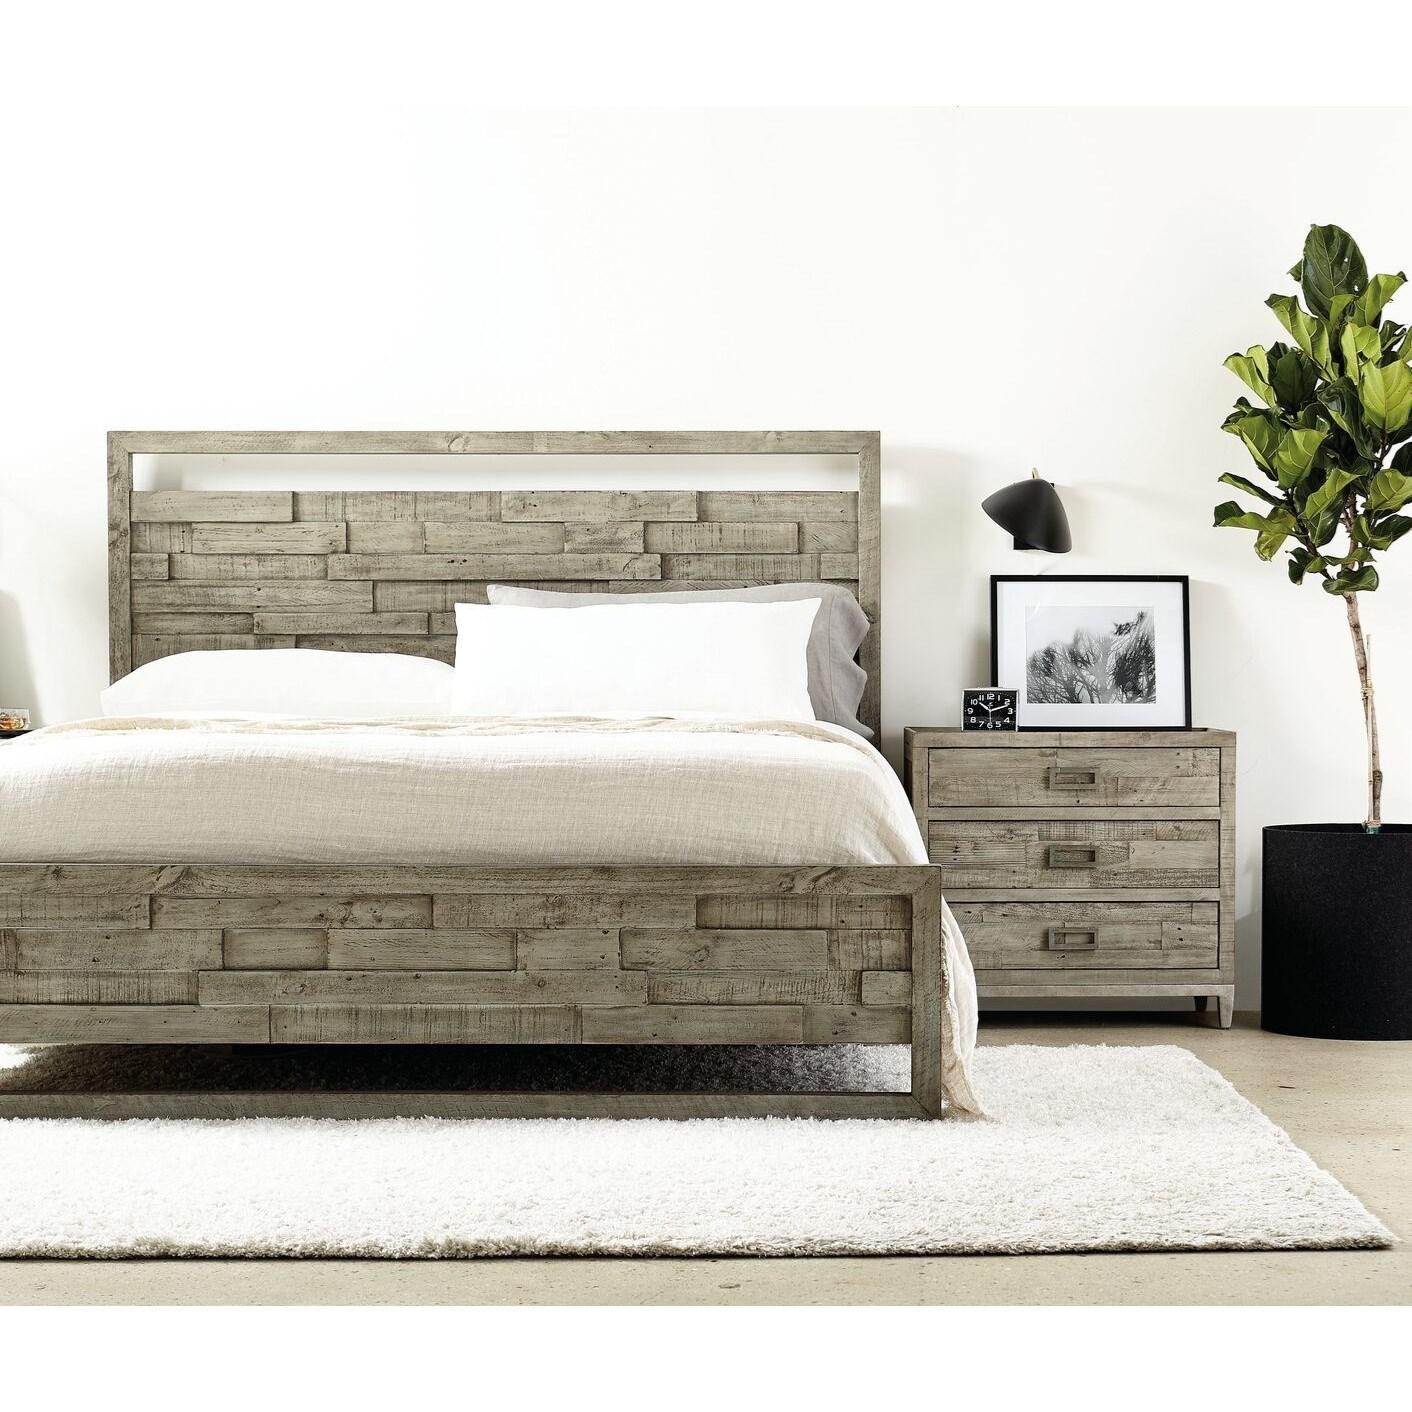 Loft - Highland Park Shaw Bedroom Group by Bernhardt at Baer's Furniture